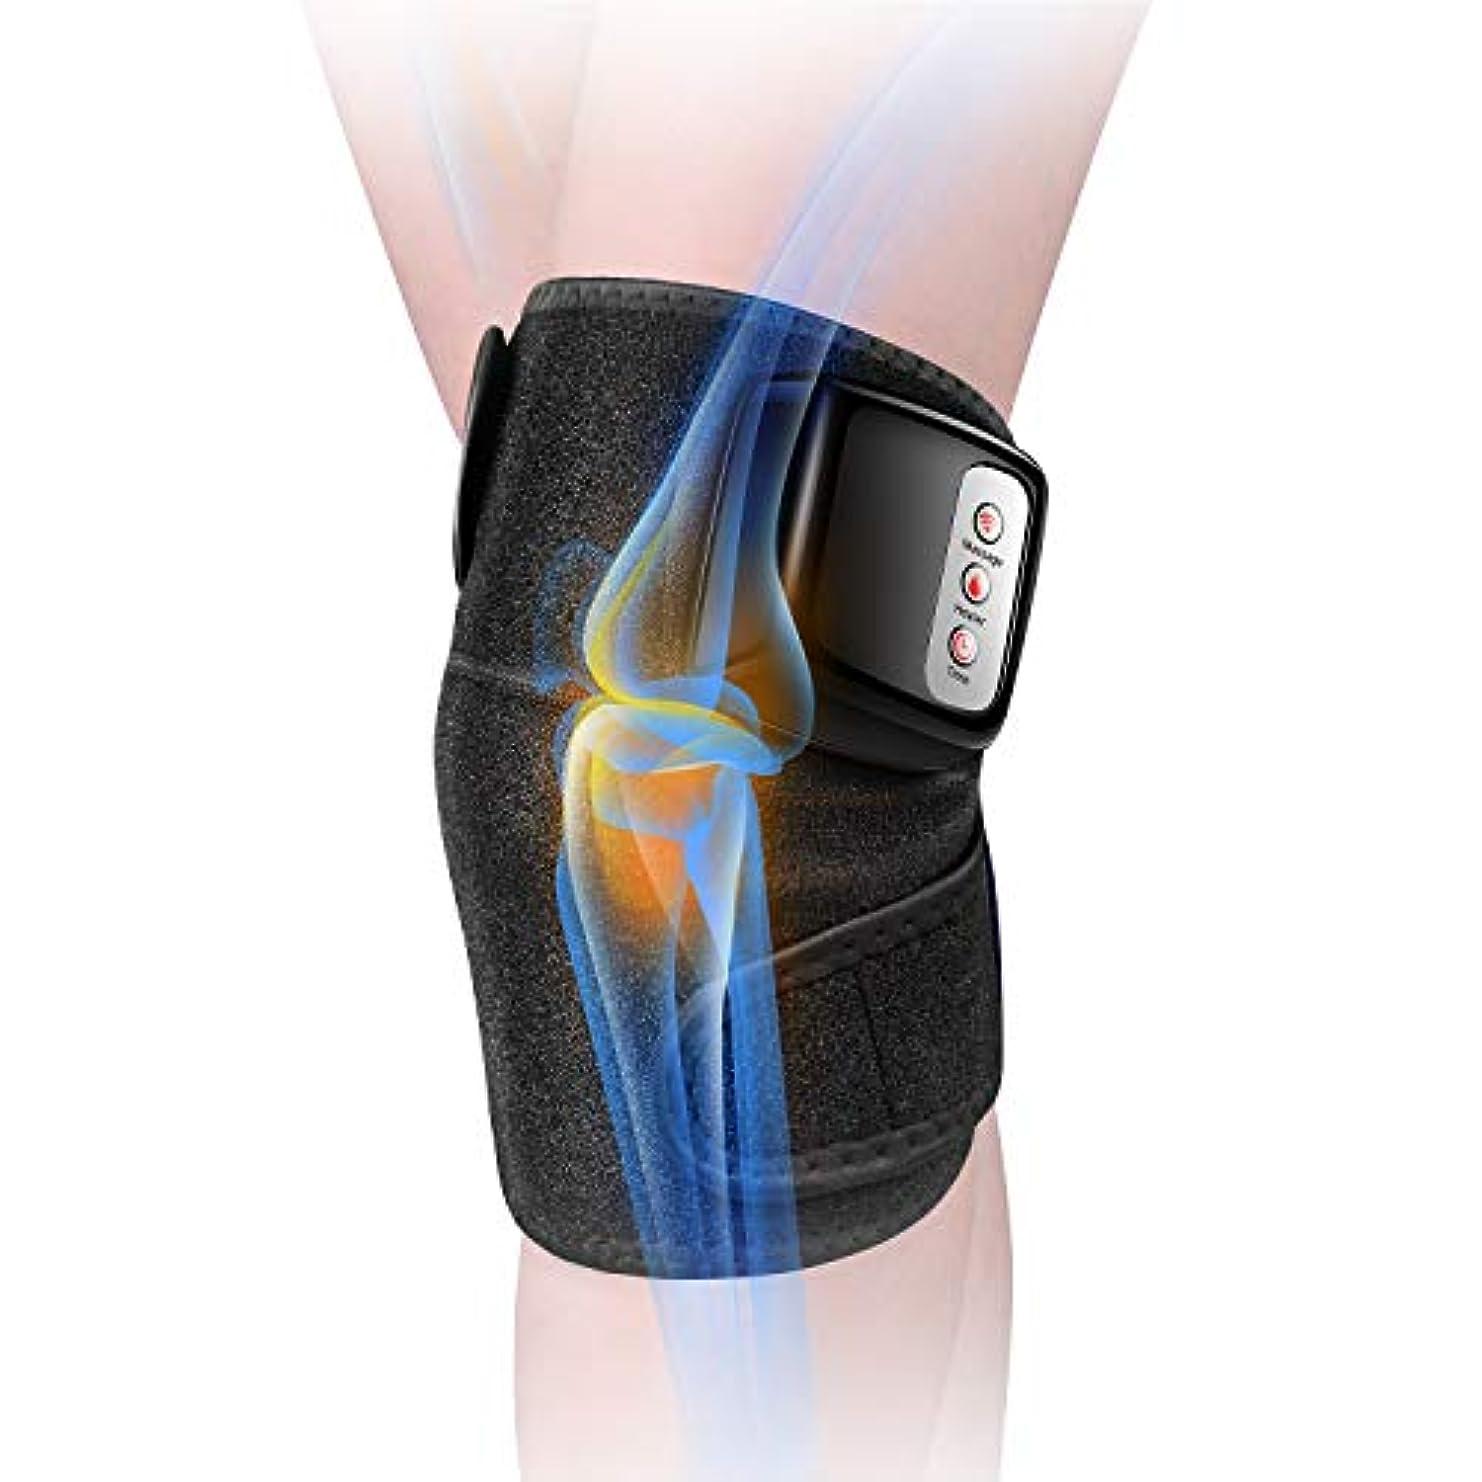 キリマンジャロこれまで全員膝マッサージャー 関節マッサージャー マッサージ器 フットマッサージャー 振動 赤外線療法 温熱療法 膝サポーター ストレス解消 肩 太もも/腕対応